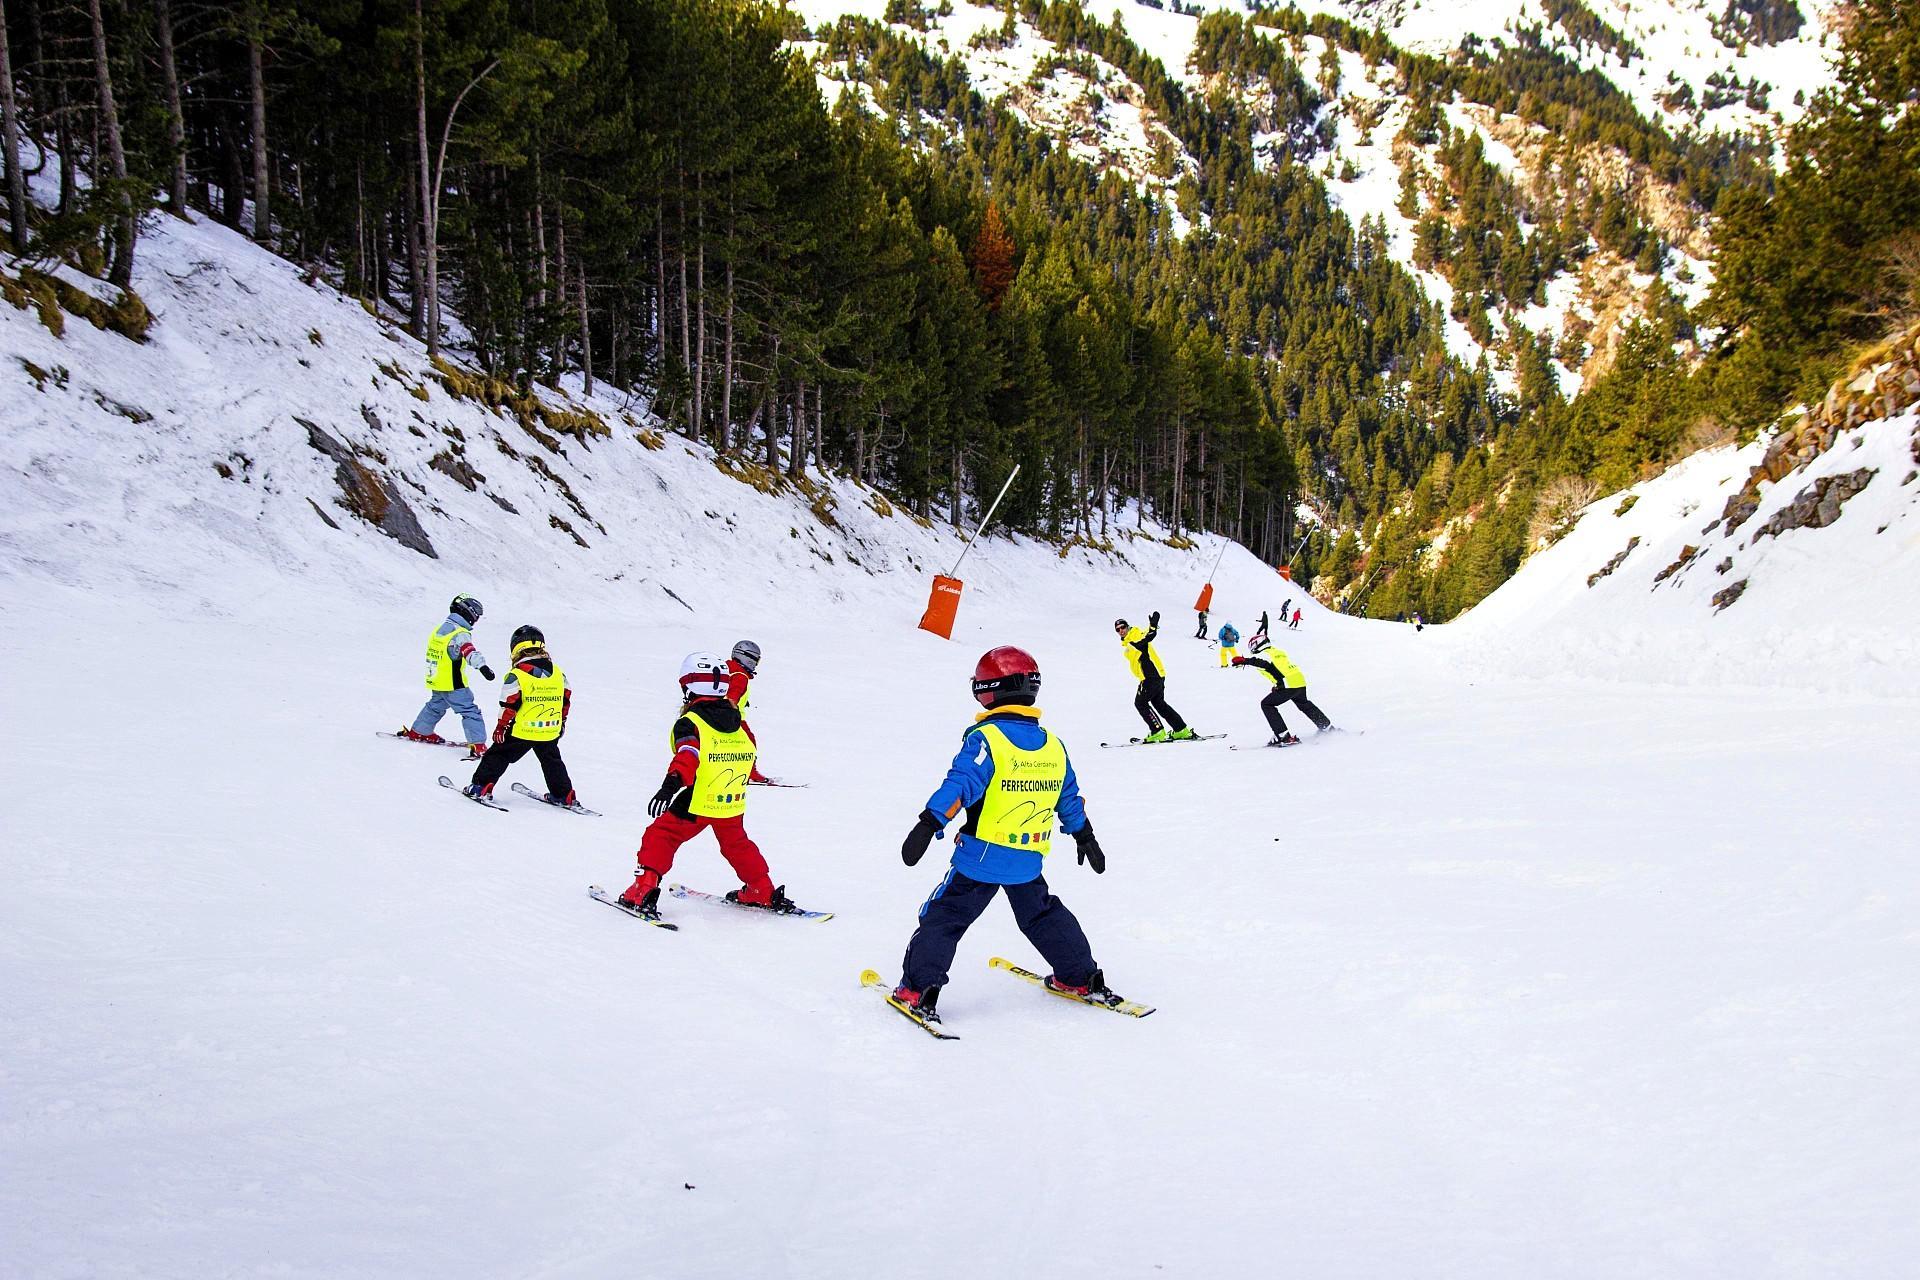 Clases de esquí (4-6 años) para Principiantes - Navidad